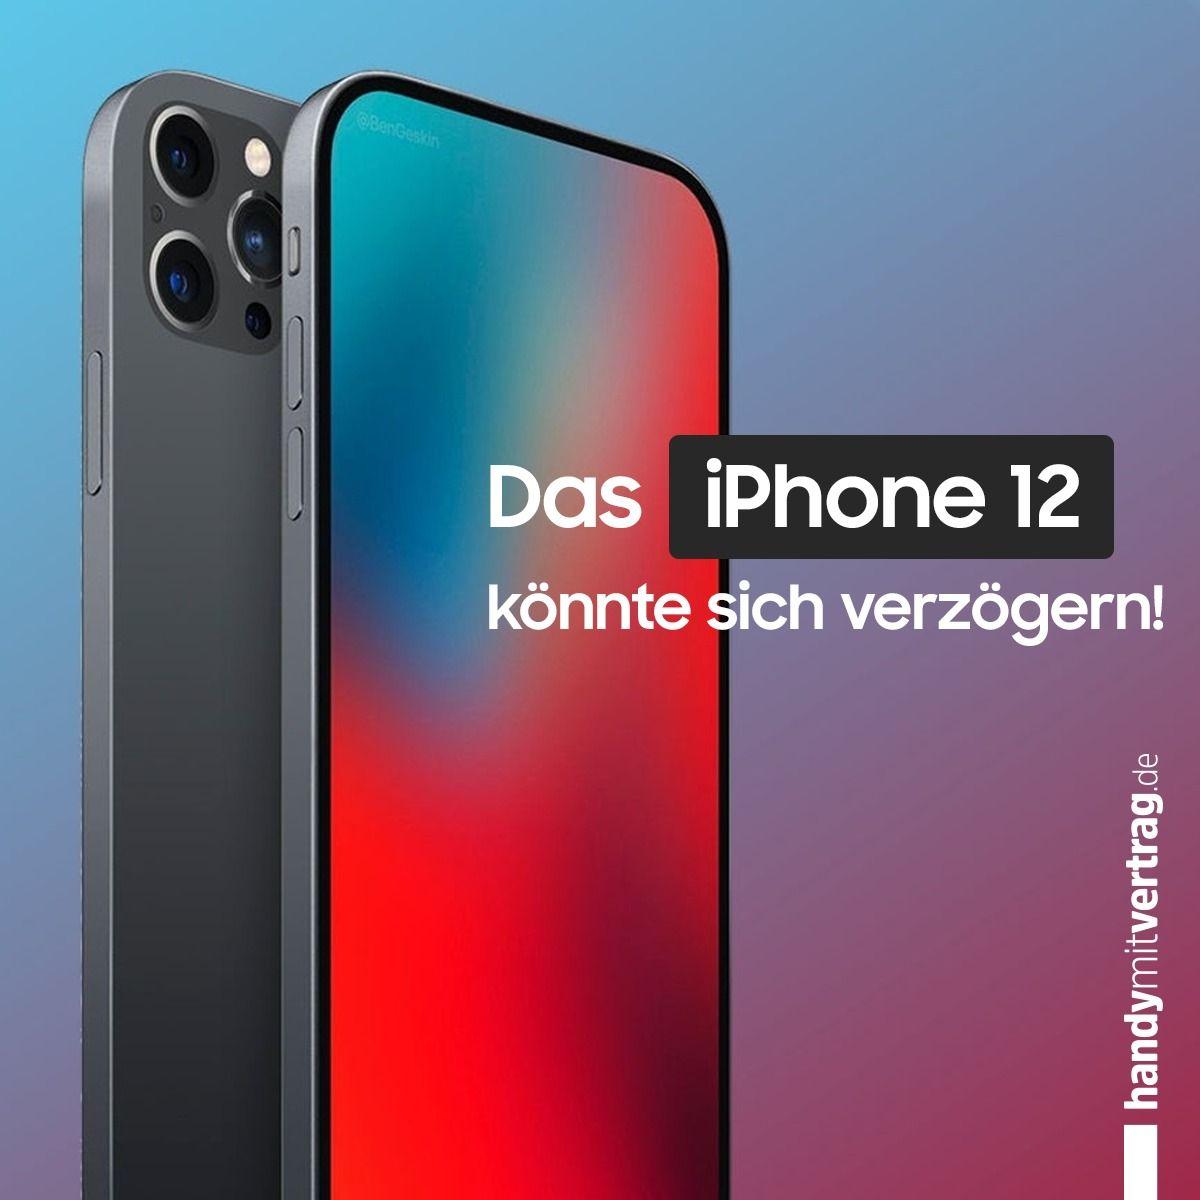 Monatlich Kundbare Handytarife Im Vergleich Wer Bietet Den Gunstigsten Preis Apple Produkte Software Handyvertrag Mac Mini Und Iphone